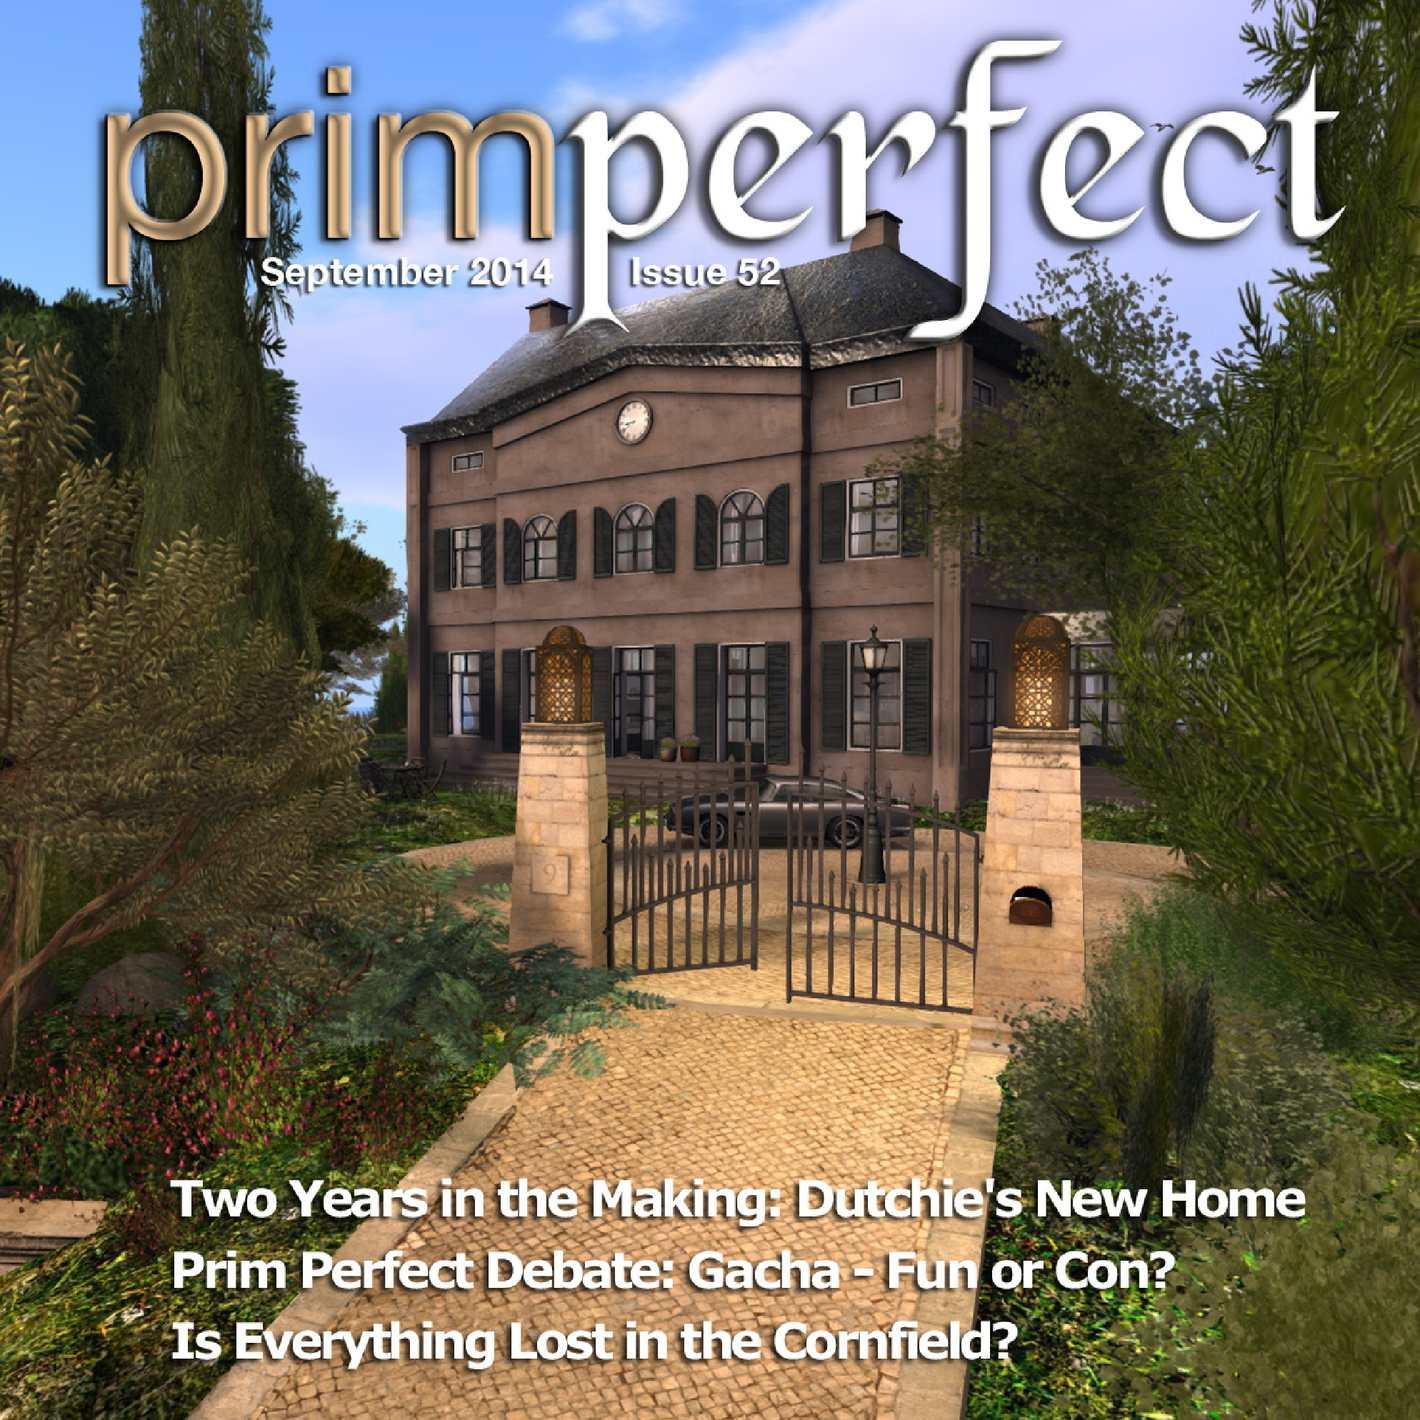 calamo prim perfect issue 52 september 2014